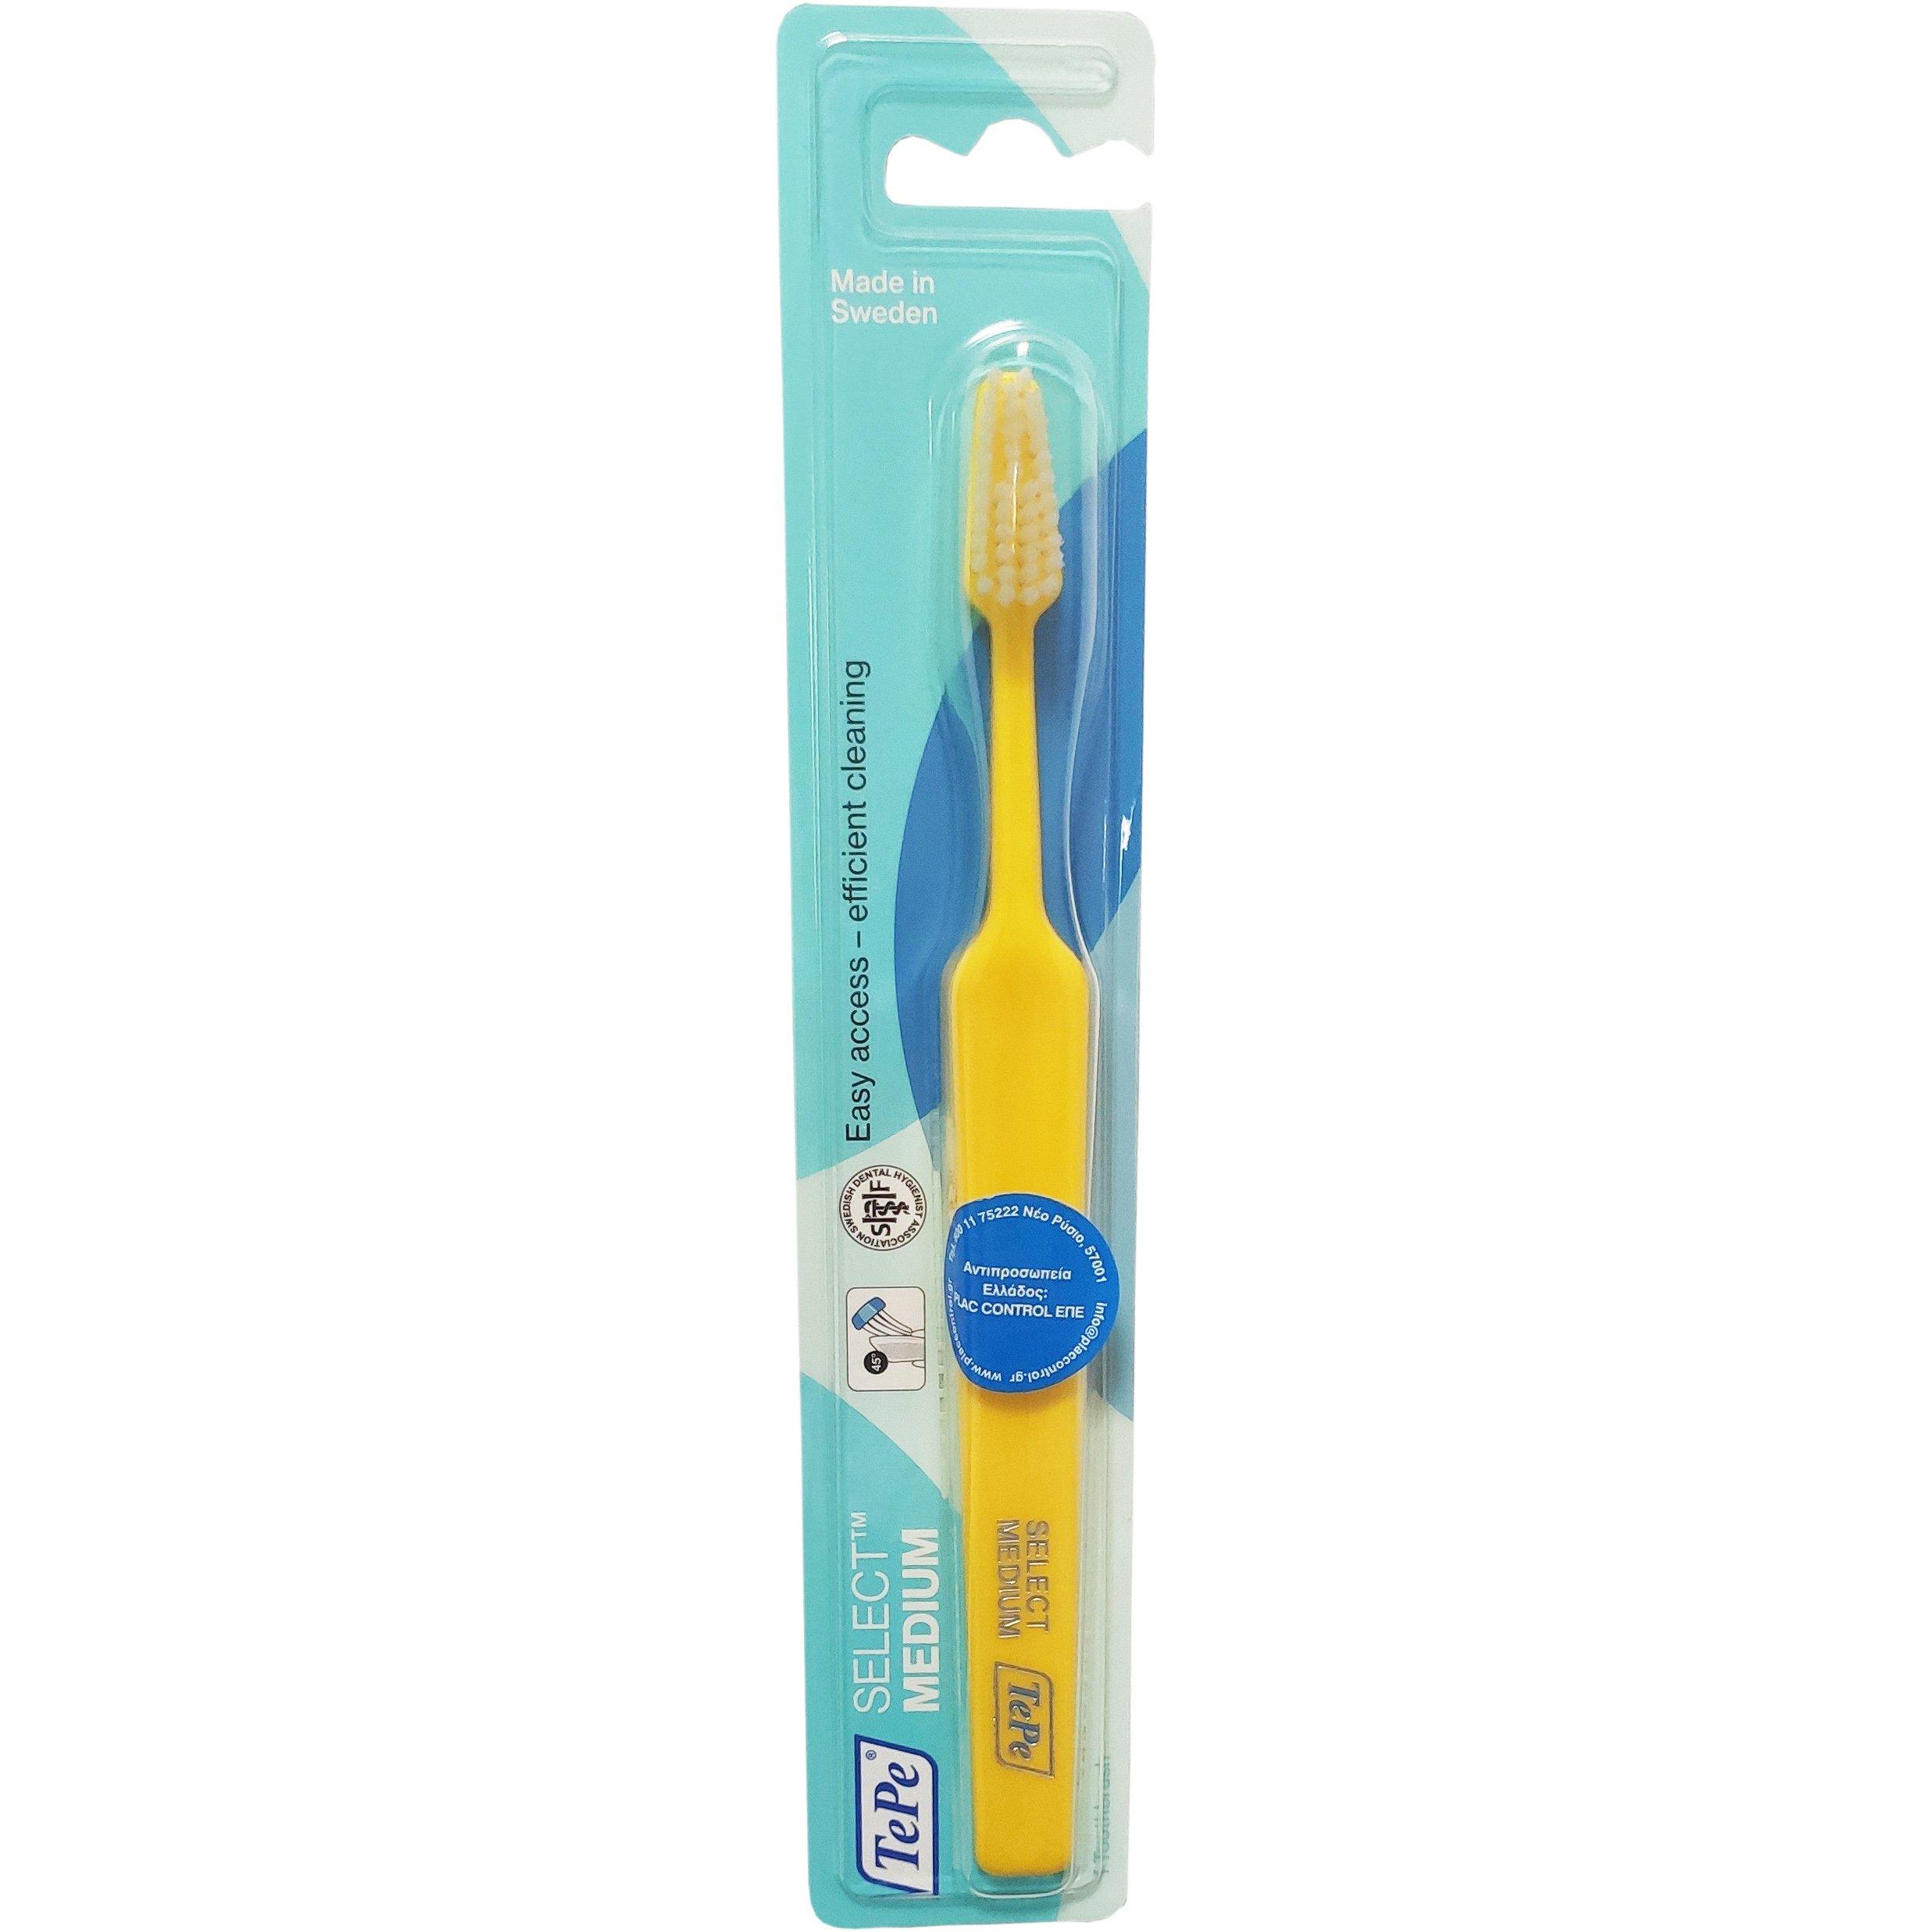 Tepe Select Medium Οδοντόβουρτσα Μέτρια για Εύκολη Πρόσβαση στα Πίσω Δόντια & Αποτελεσματικό Καθαρισμό 1 Τεμάχιο – κίτρινο